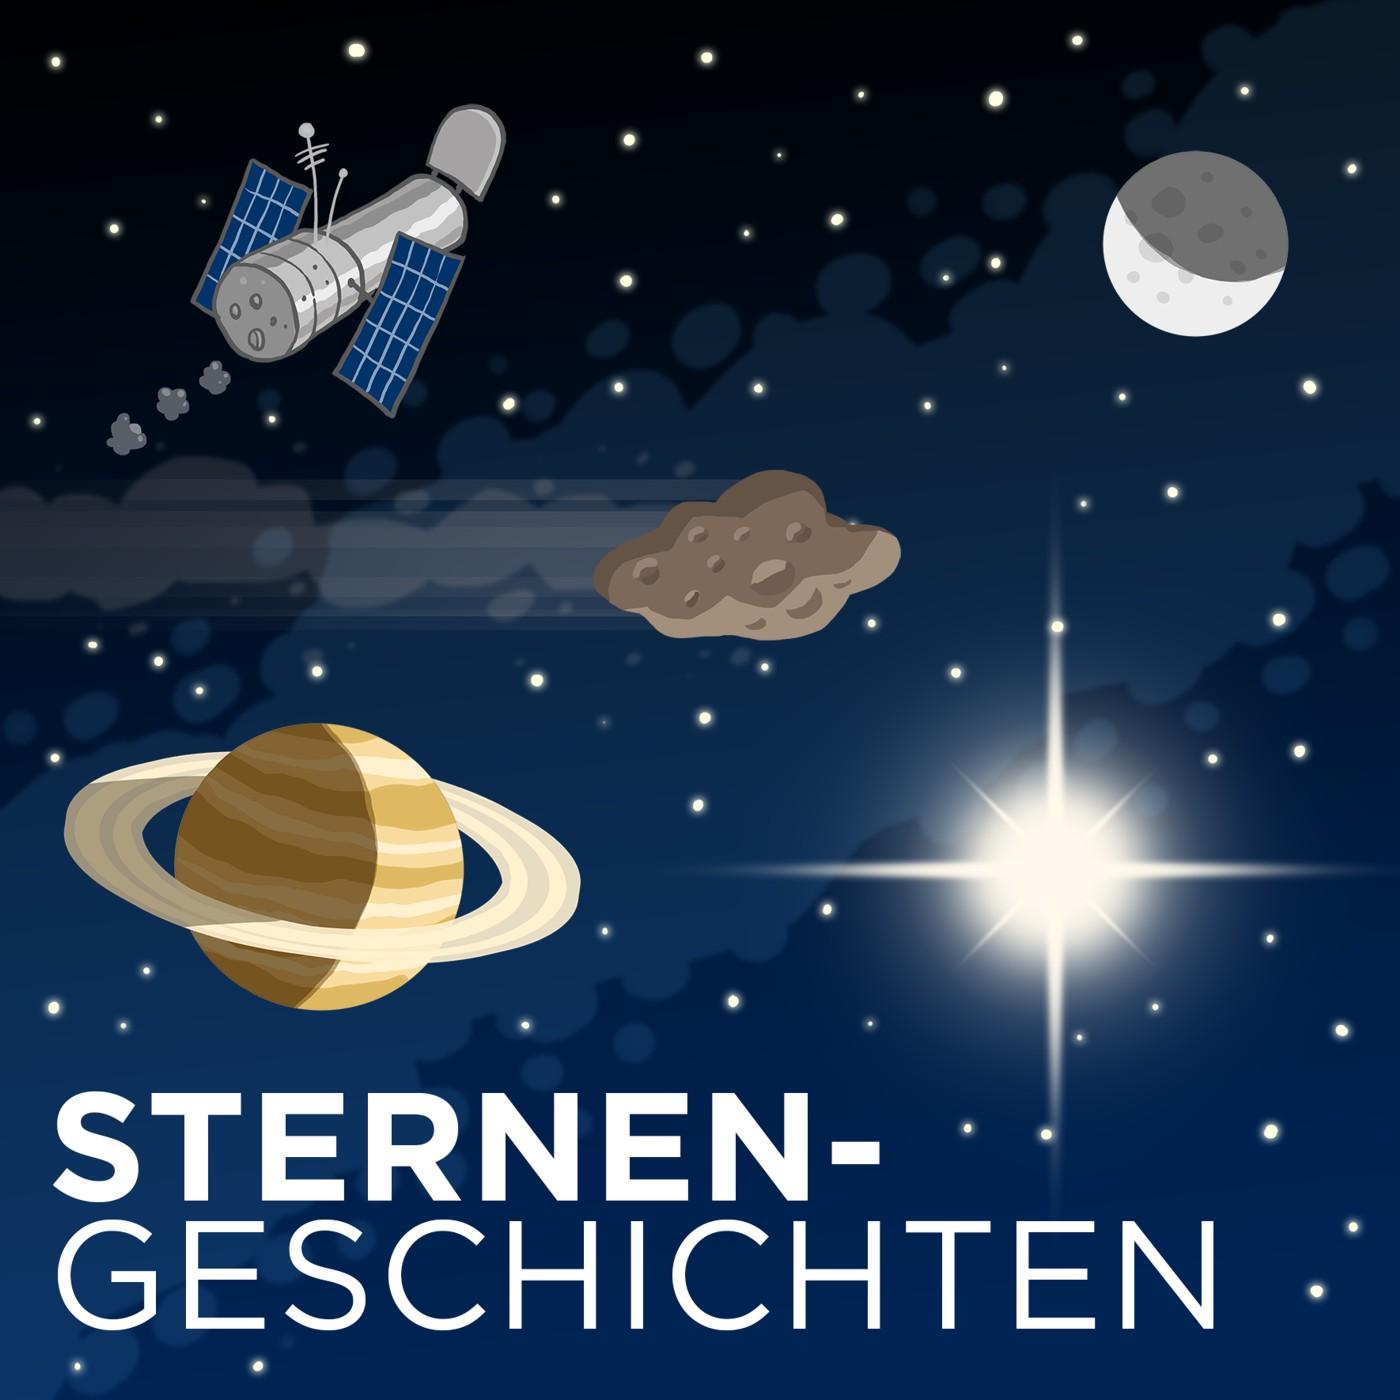 Sternengeschichten Folge 361: Wie kommt die Astronomie an ihre Bilder?